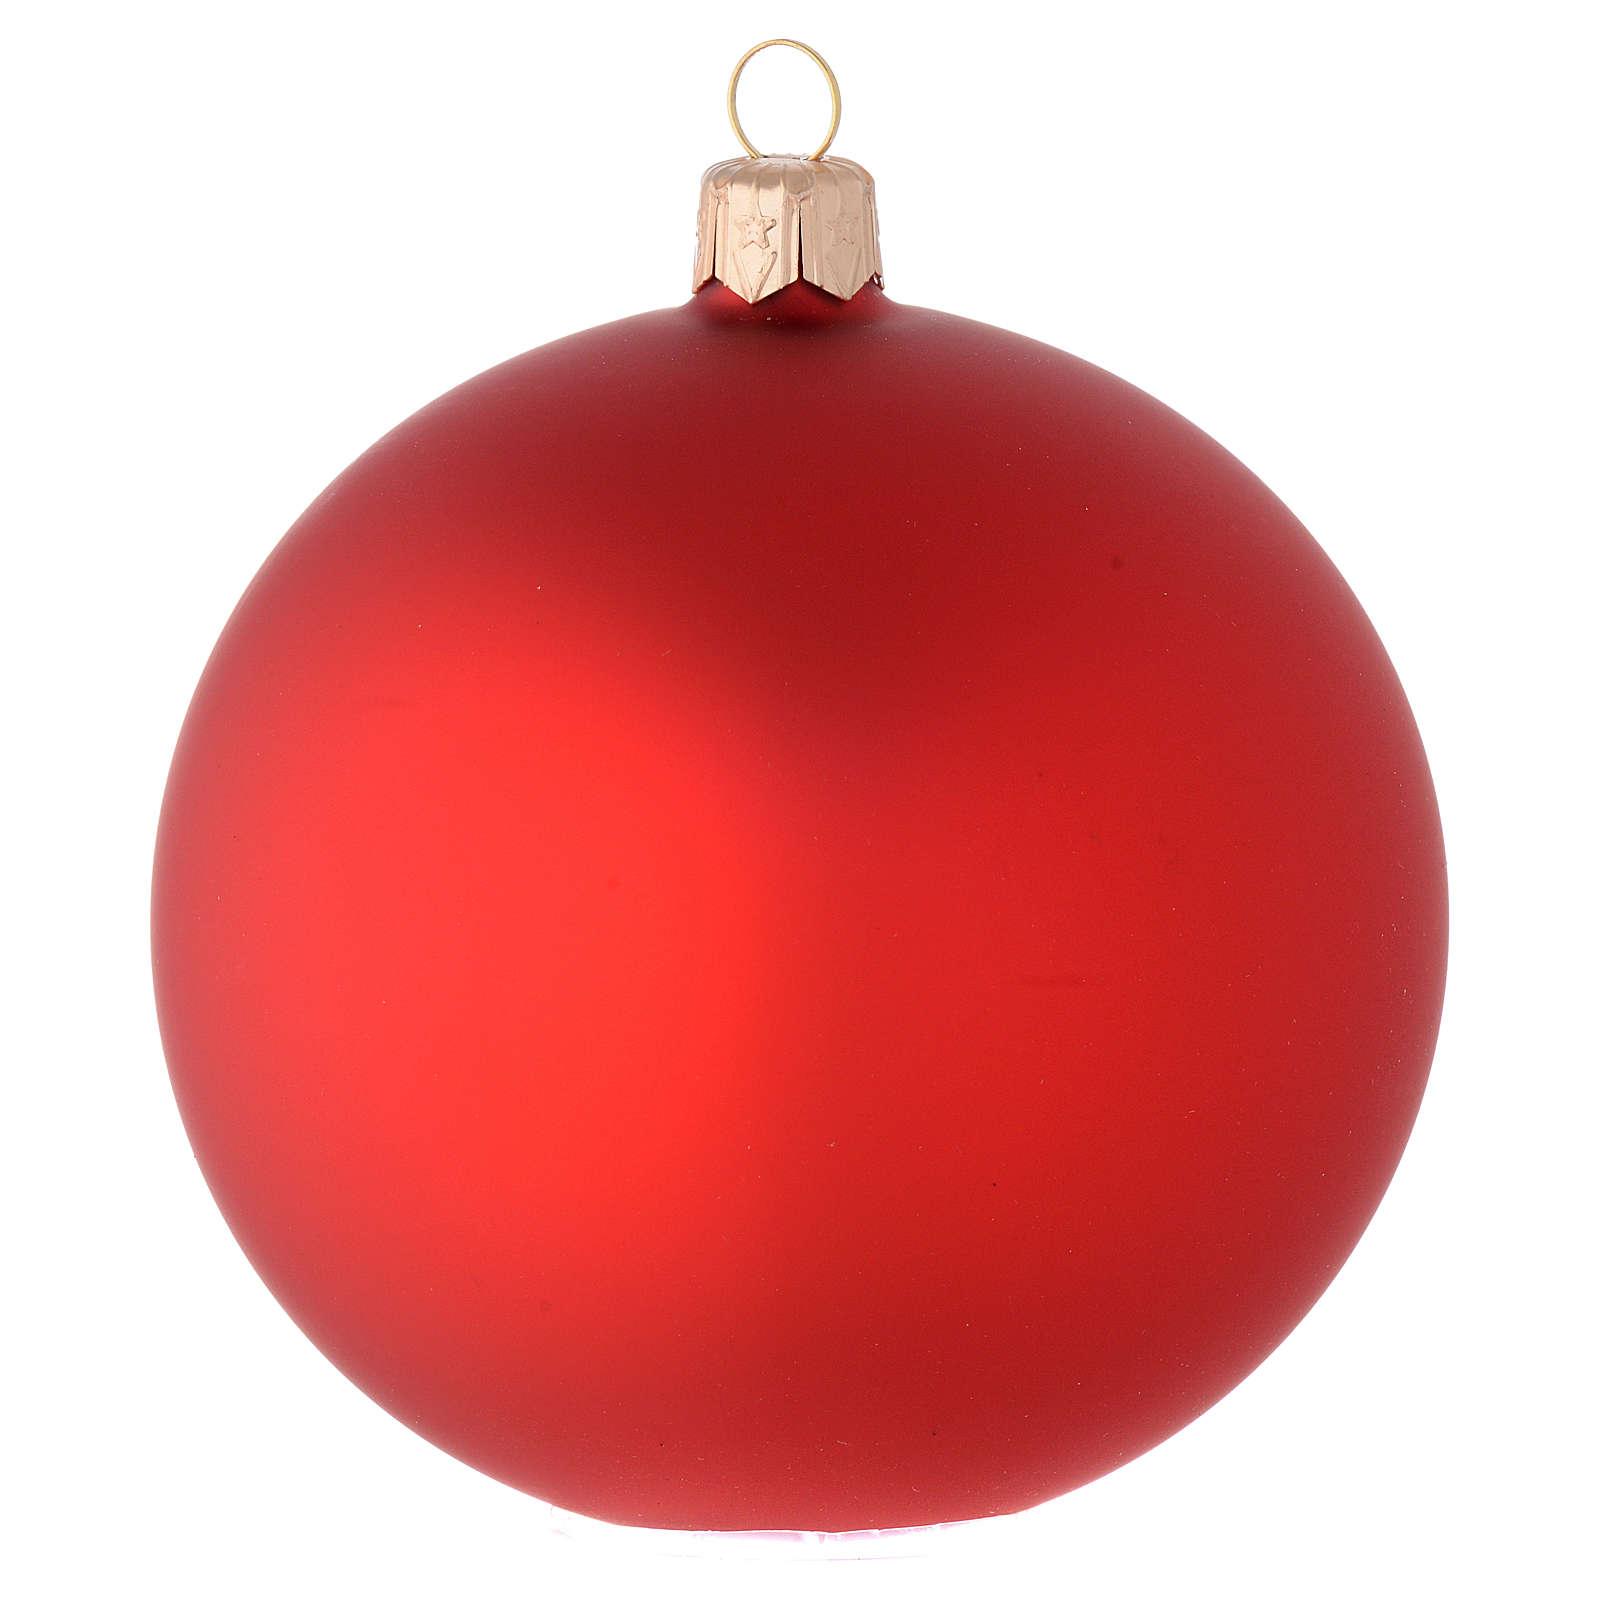 Kugel Für Tannenbaum.Tannenbaum Kugel Roten Glas Satiniert 100mm